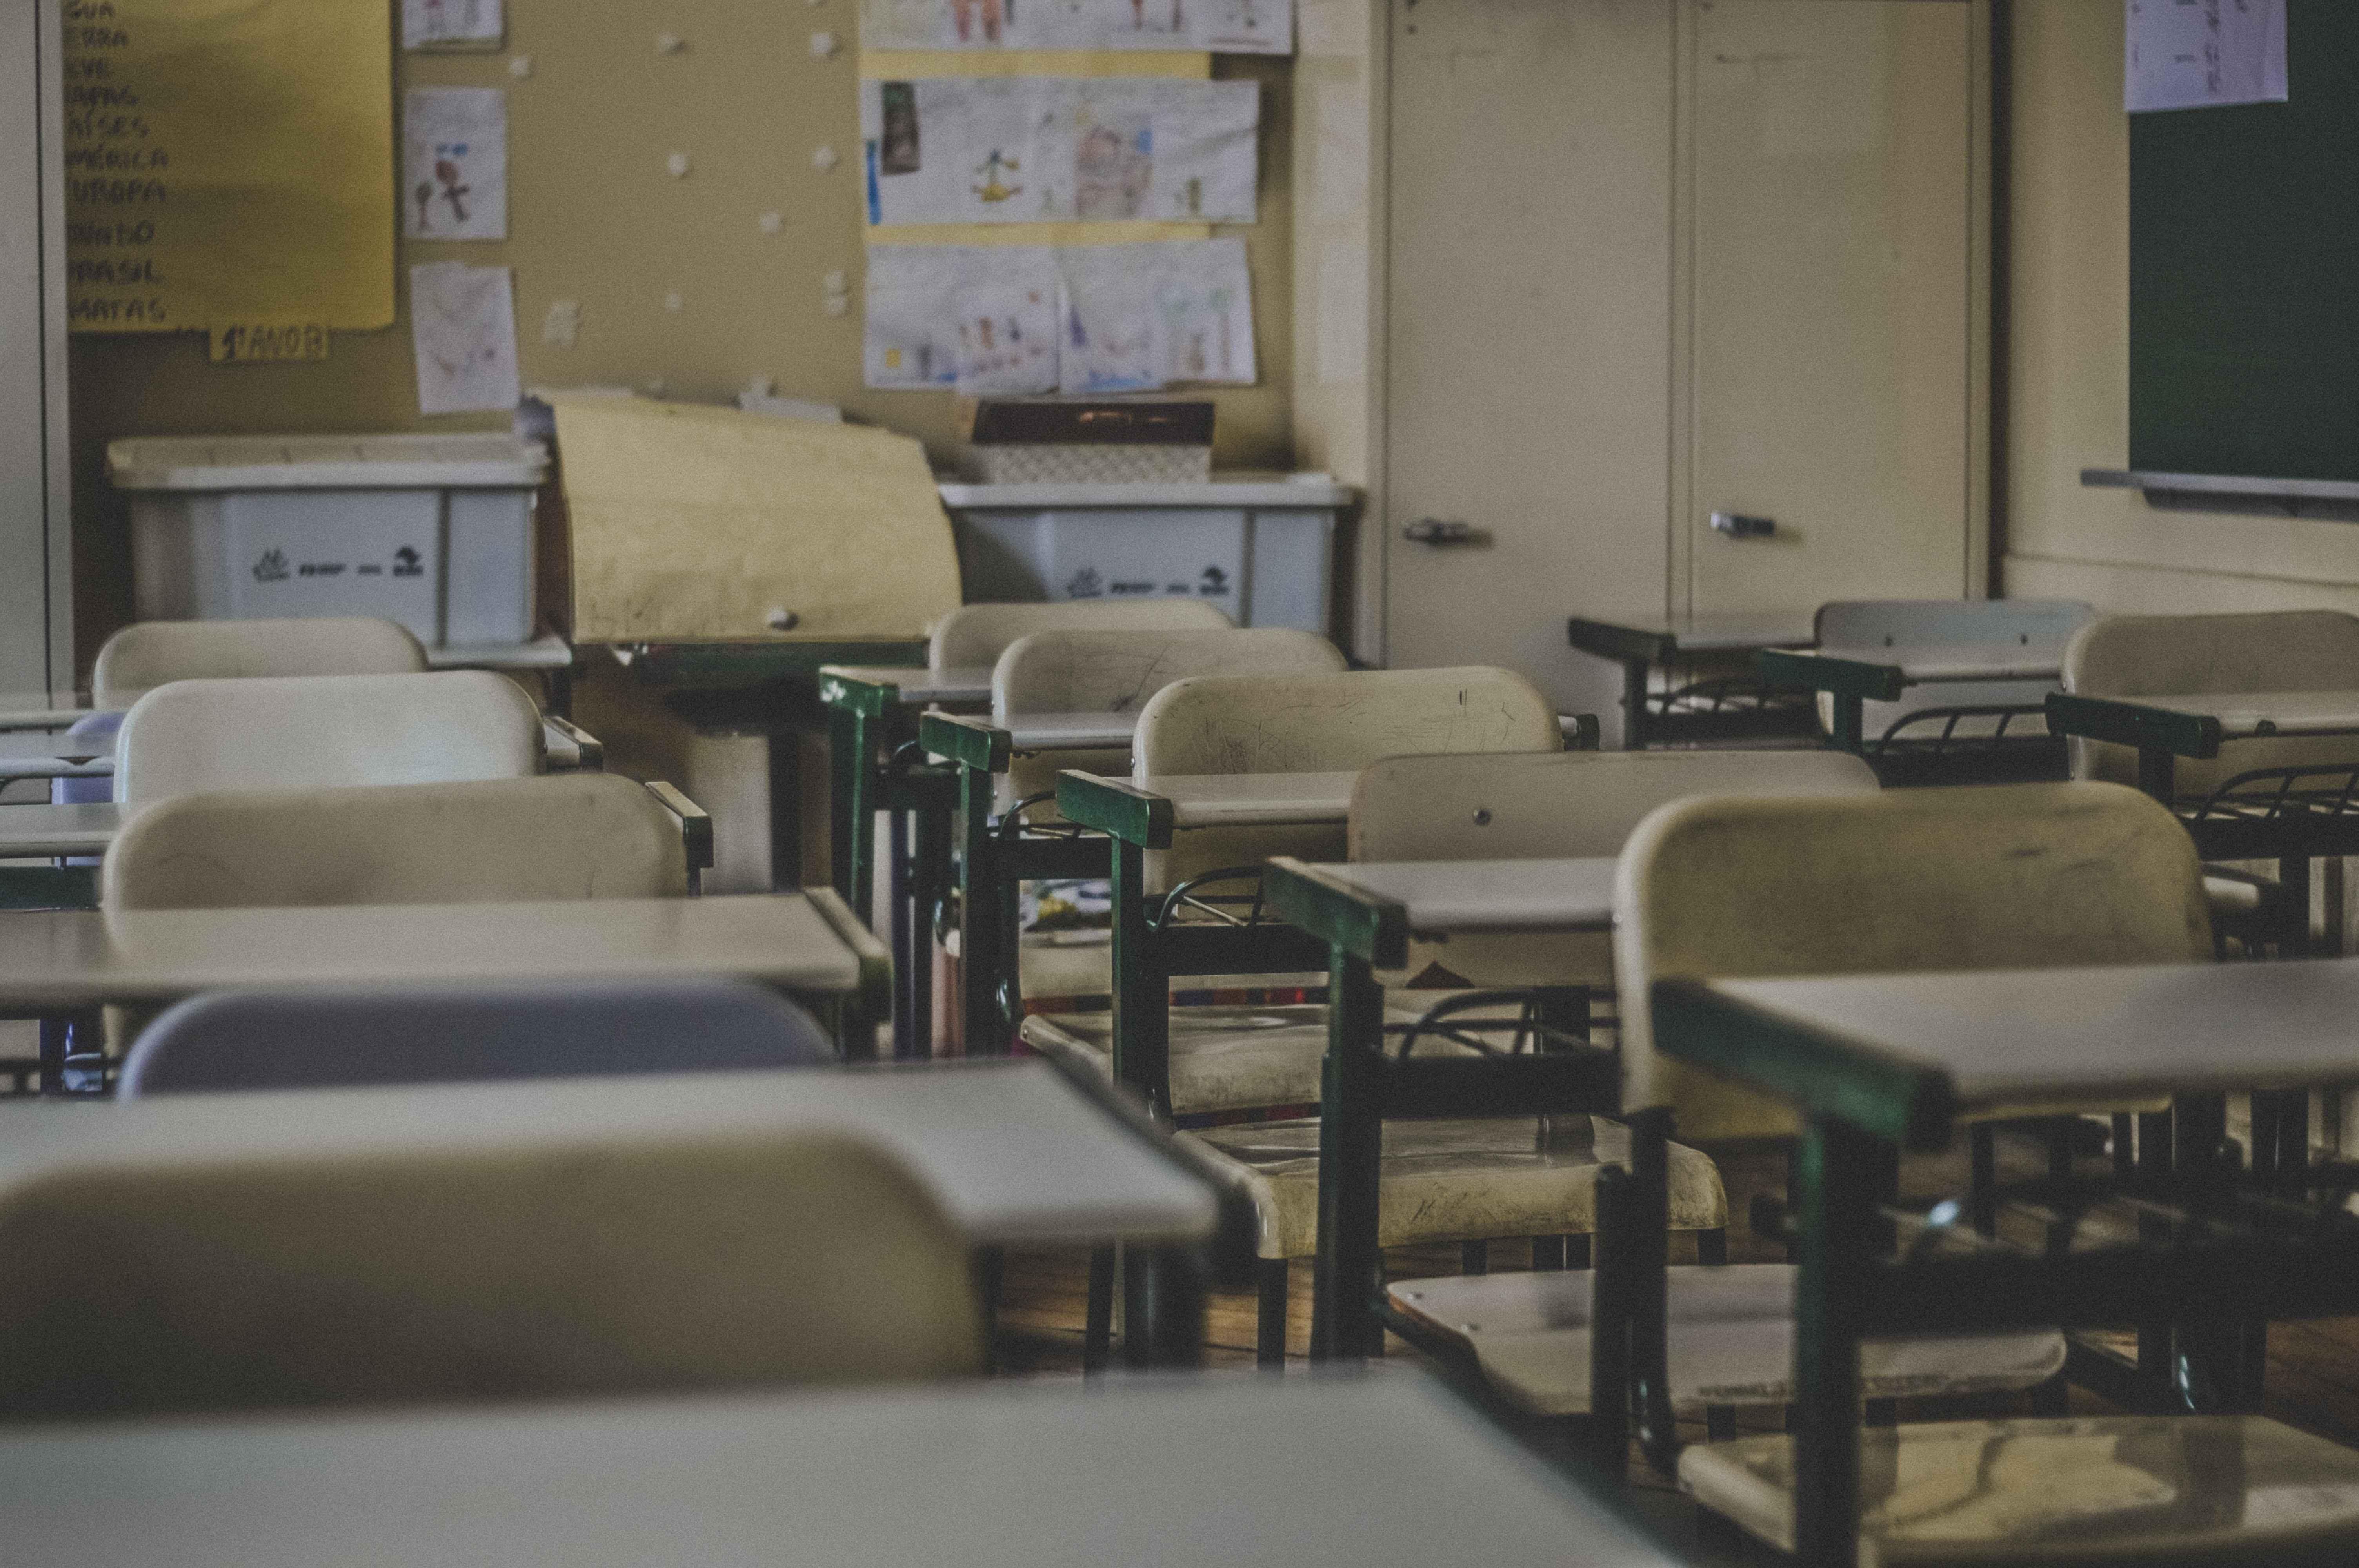 Impactos do ensino remoto consequente da pandemia também devem ser avaliados para novas políticas públicas.